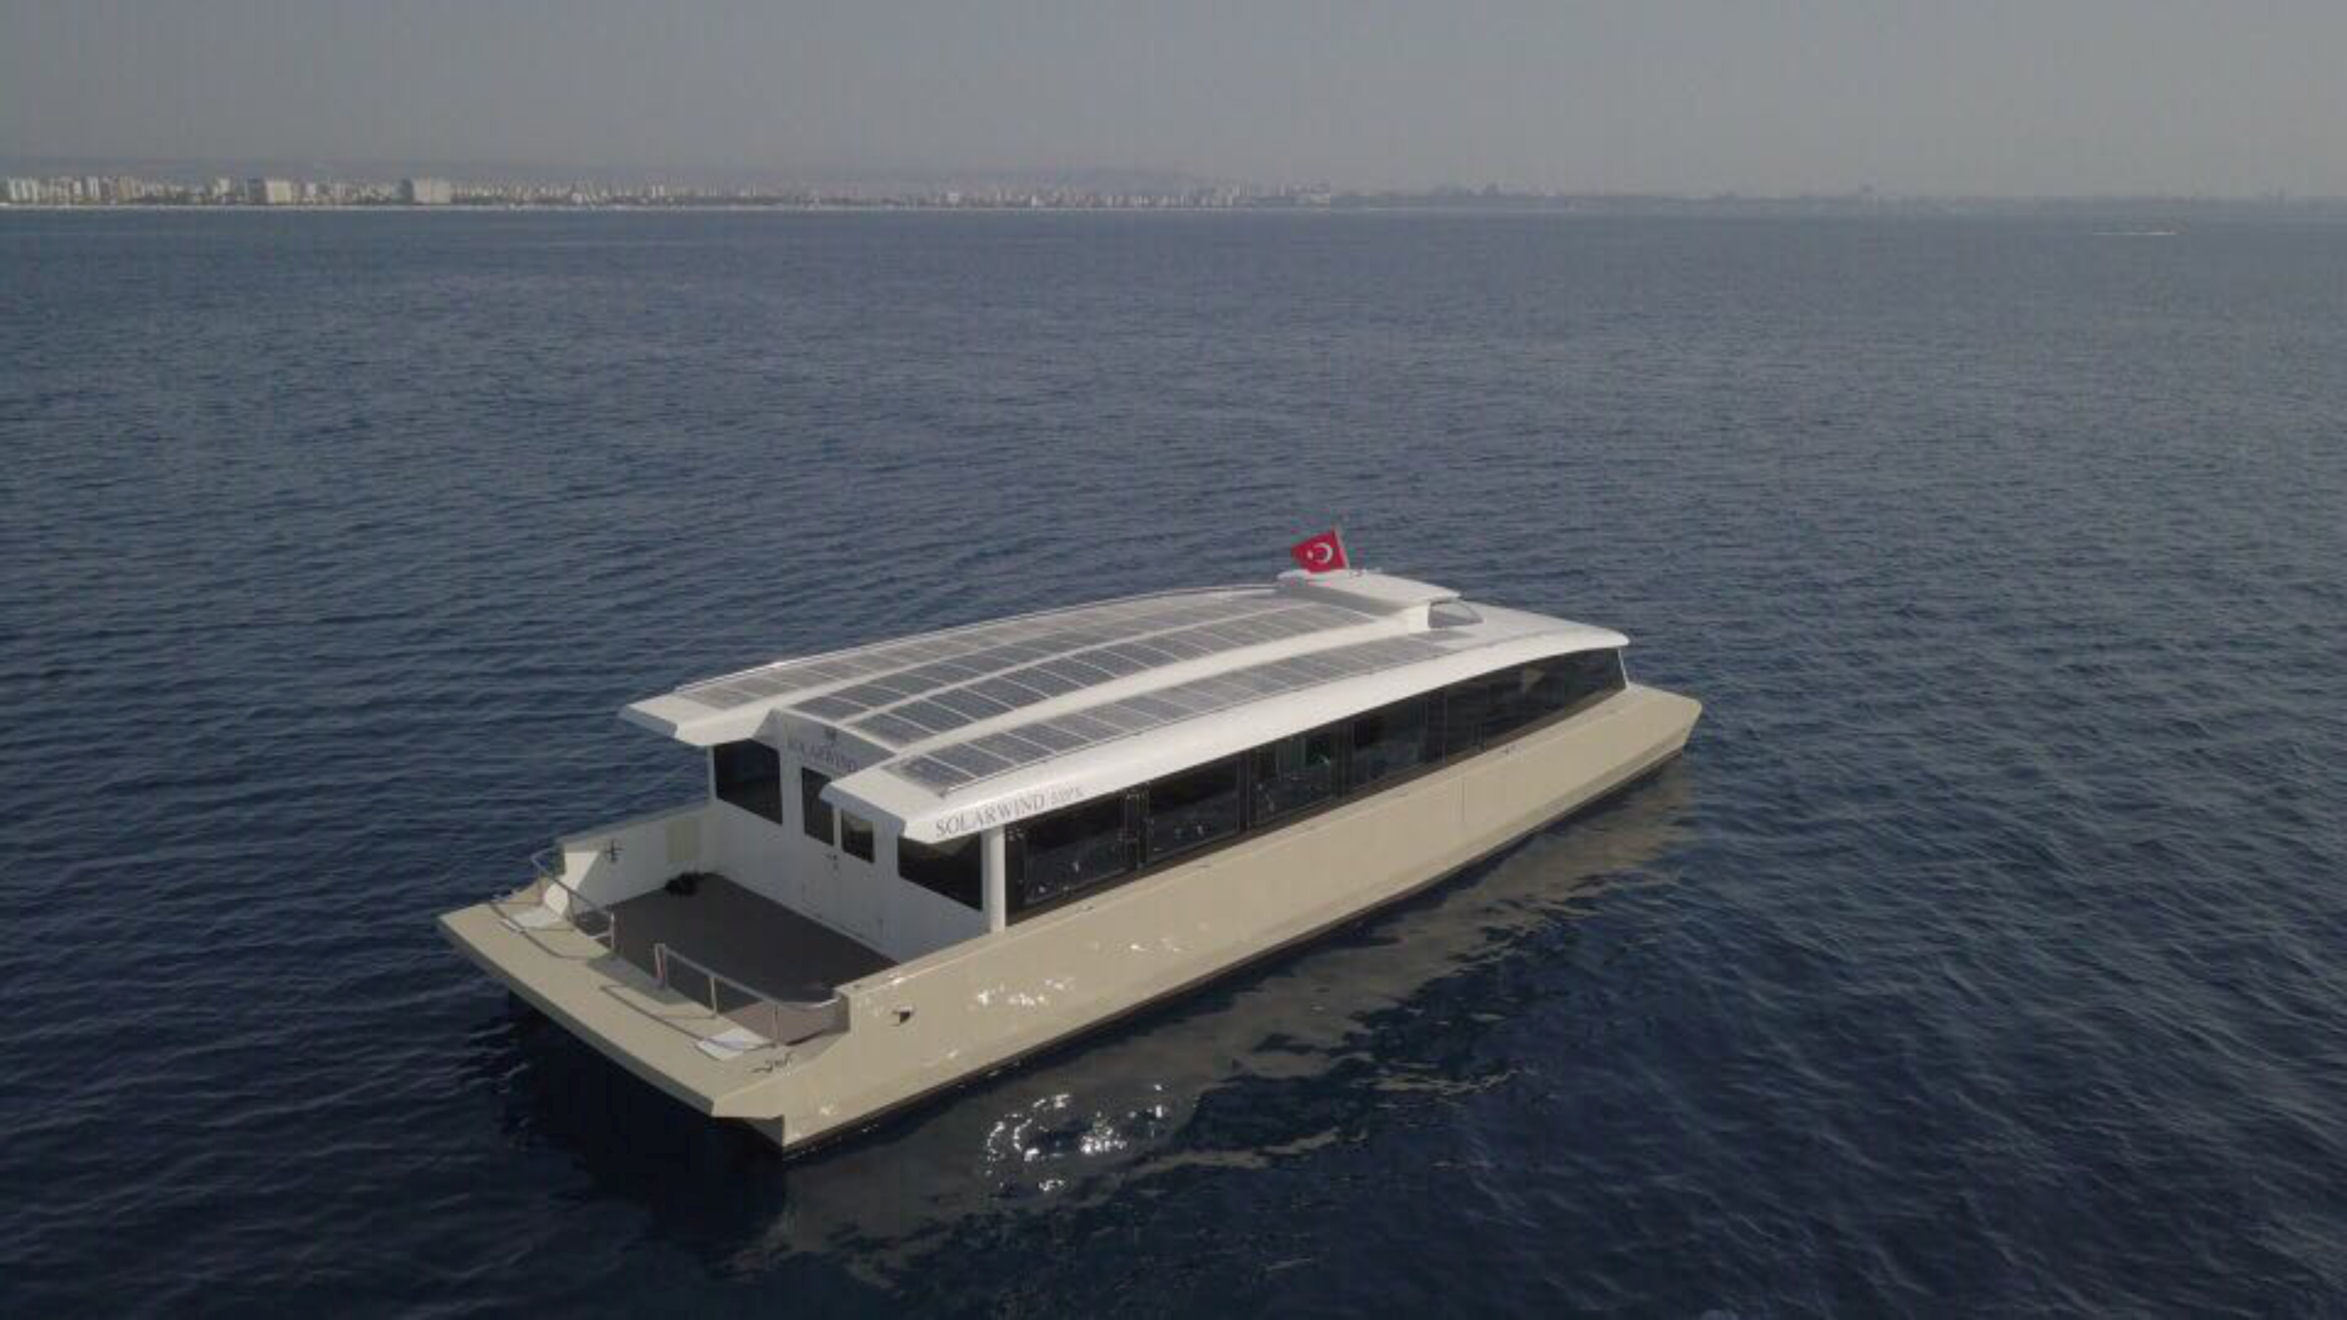 Solarwind 52xp Zero Emission Catamaran